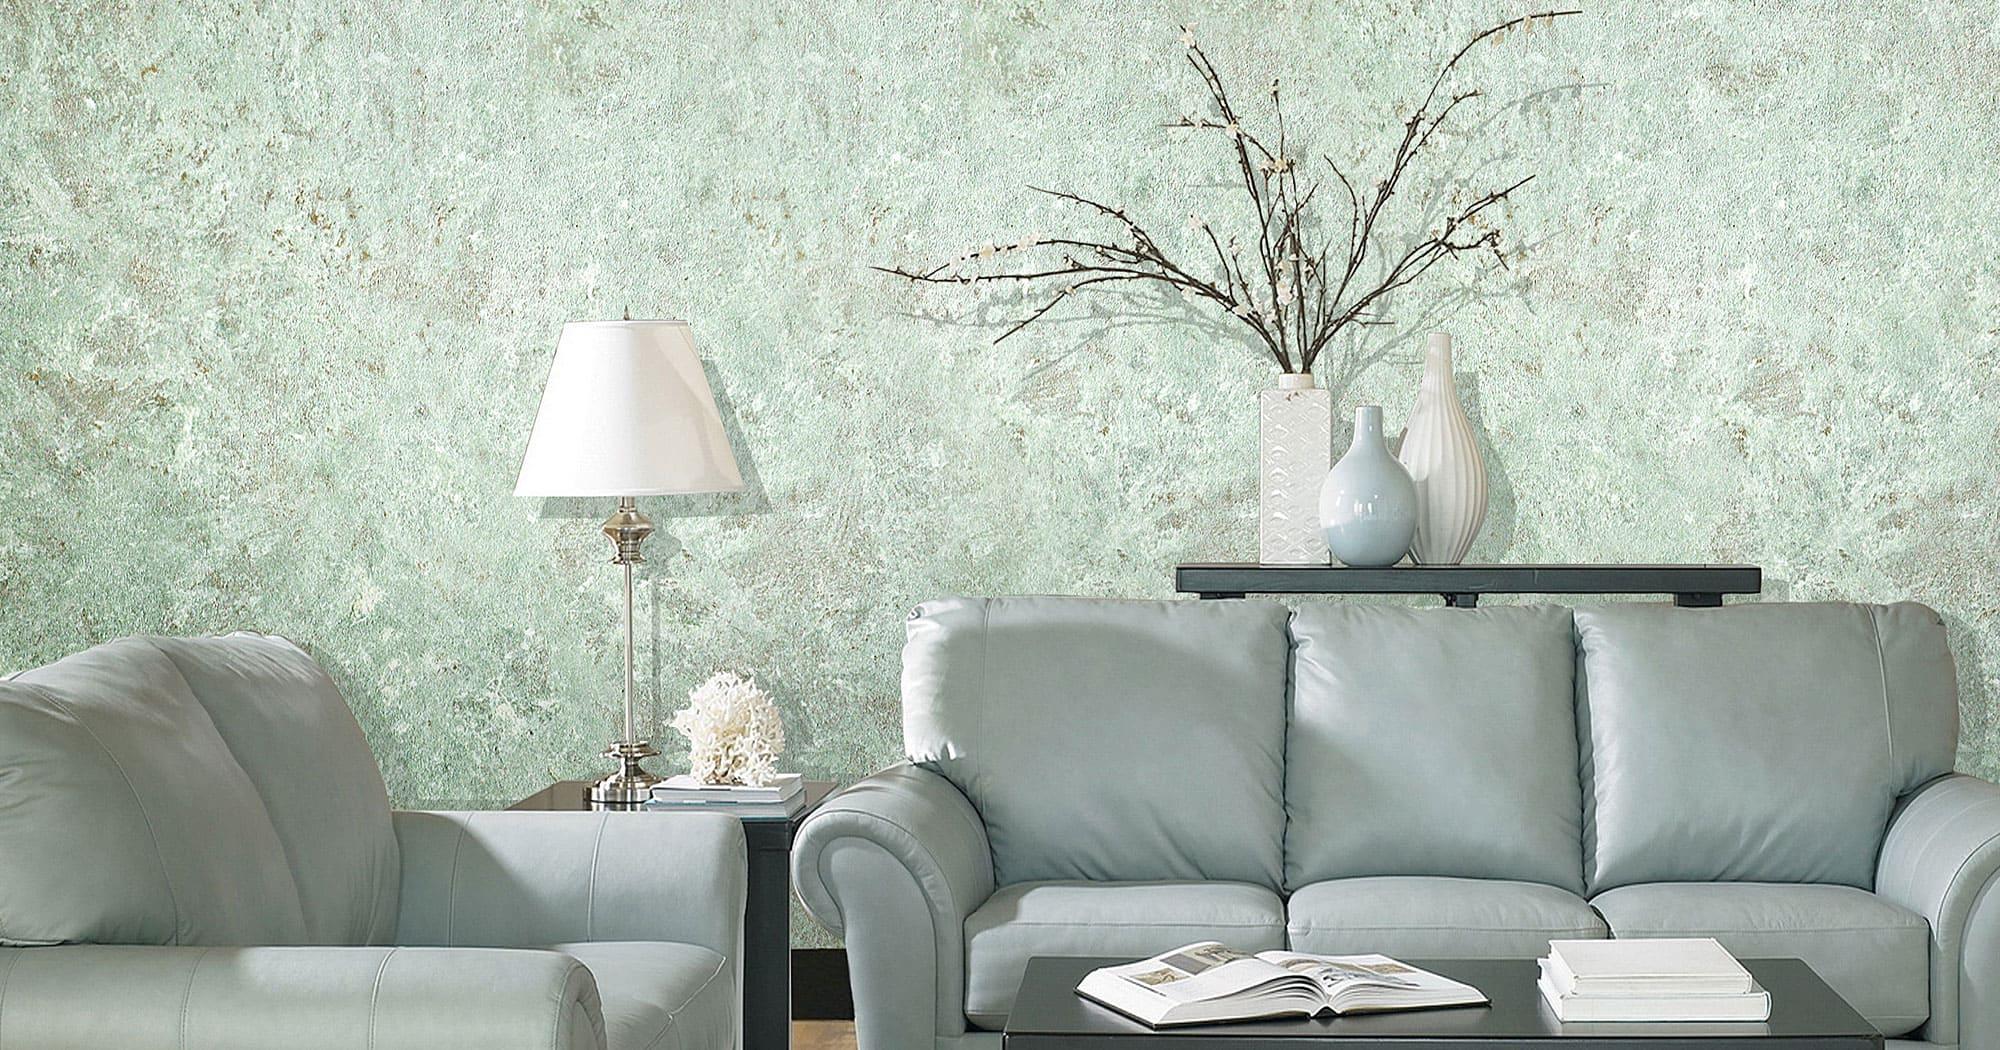 Декоративная штукатурка - лучшие красивые варианты отделки стен в интерьере 059